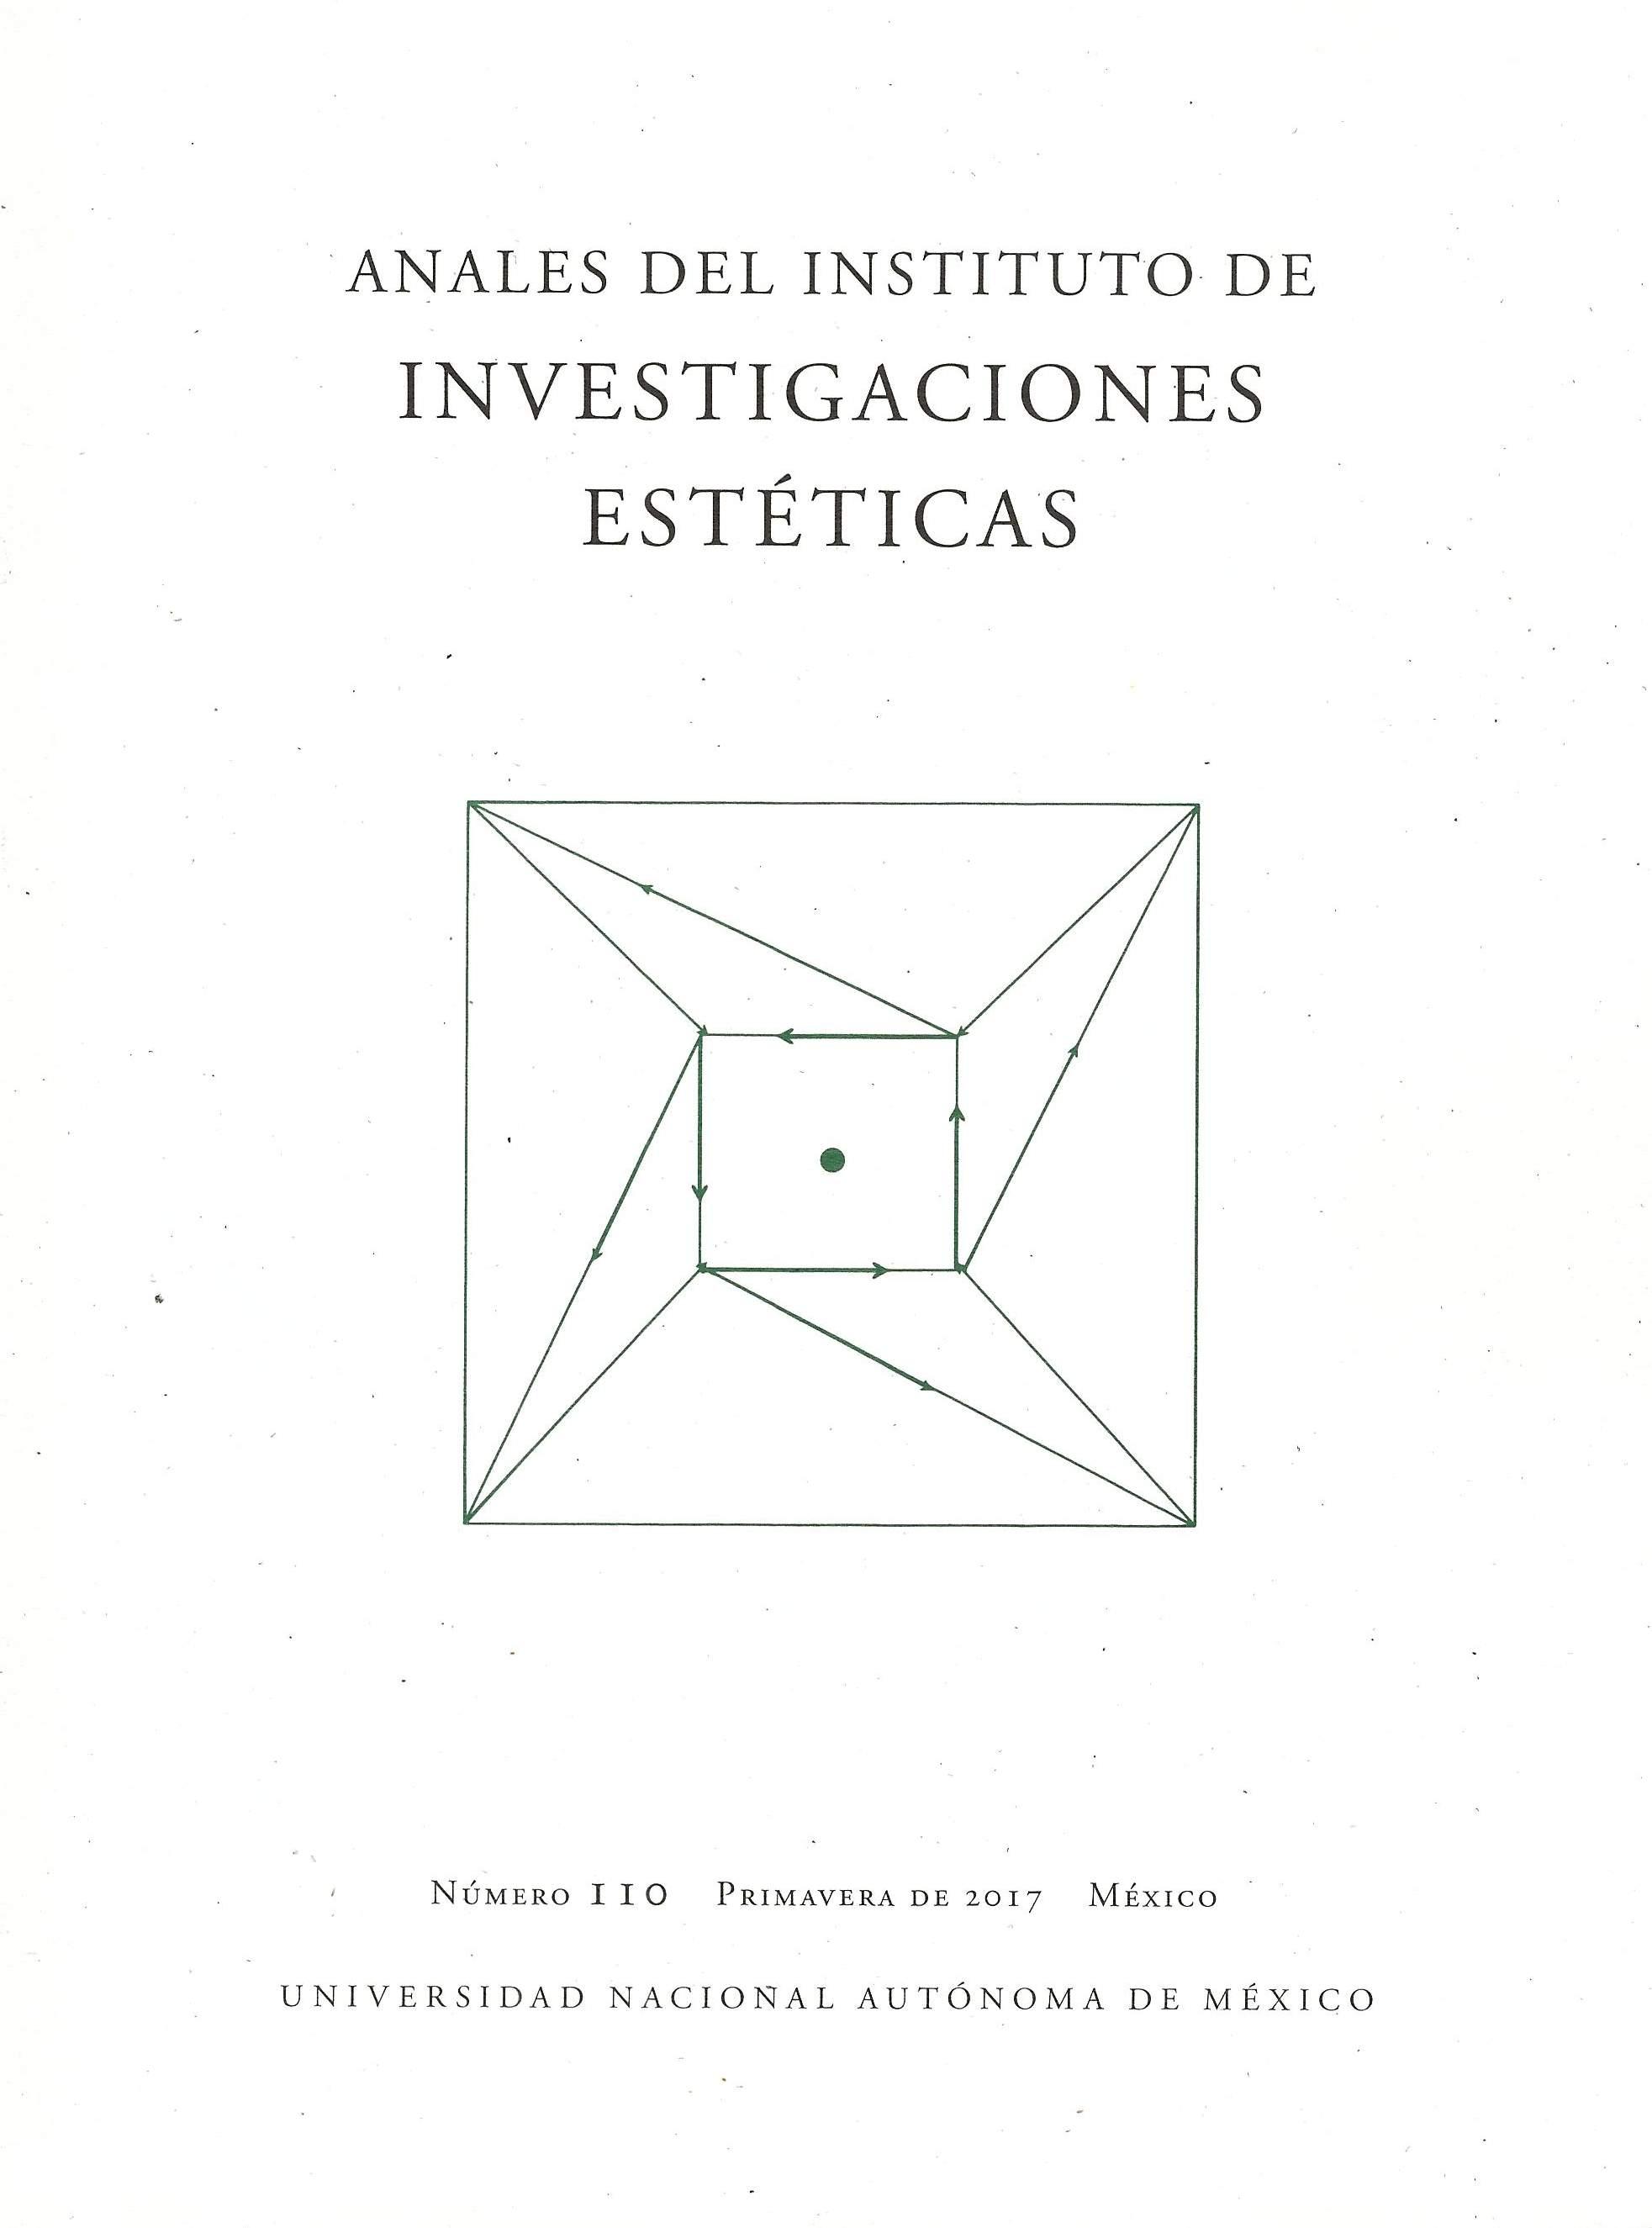 Anales del Instituto de Investigaciones Estéticas, vol. XXXIX, núm. 110, primavera de 2017